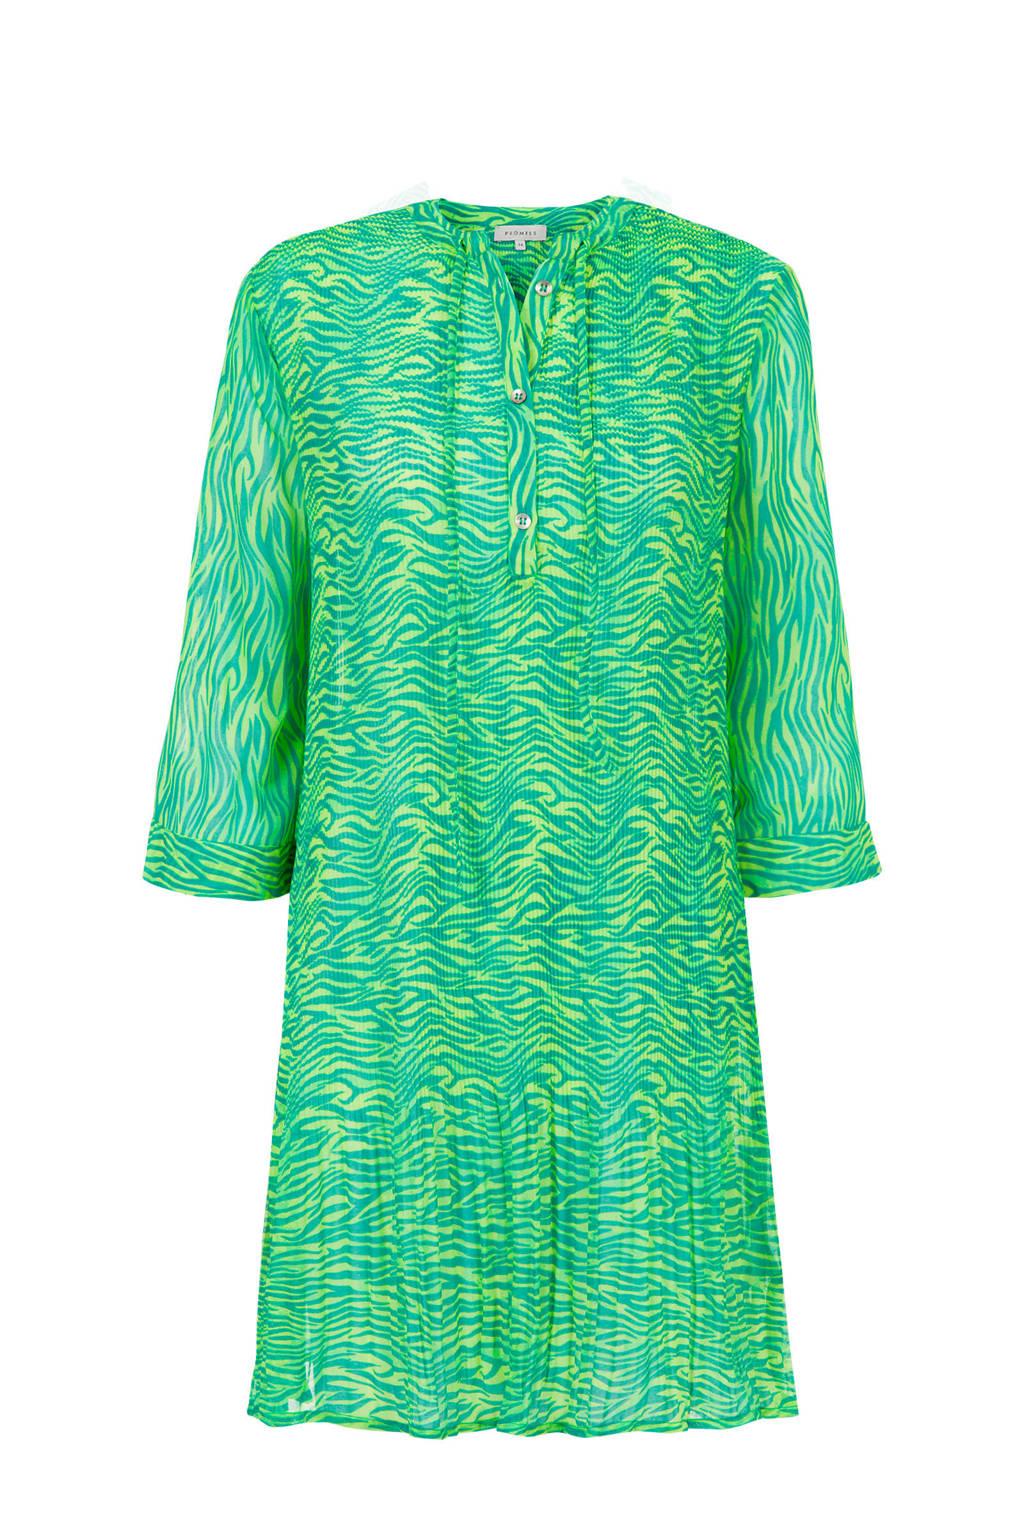 PROMISS jurk met all over print blauw/groen, Blauw/groen